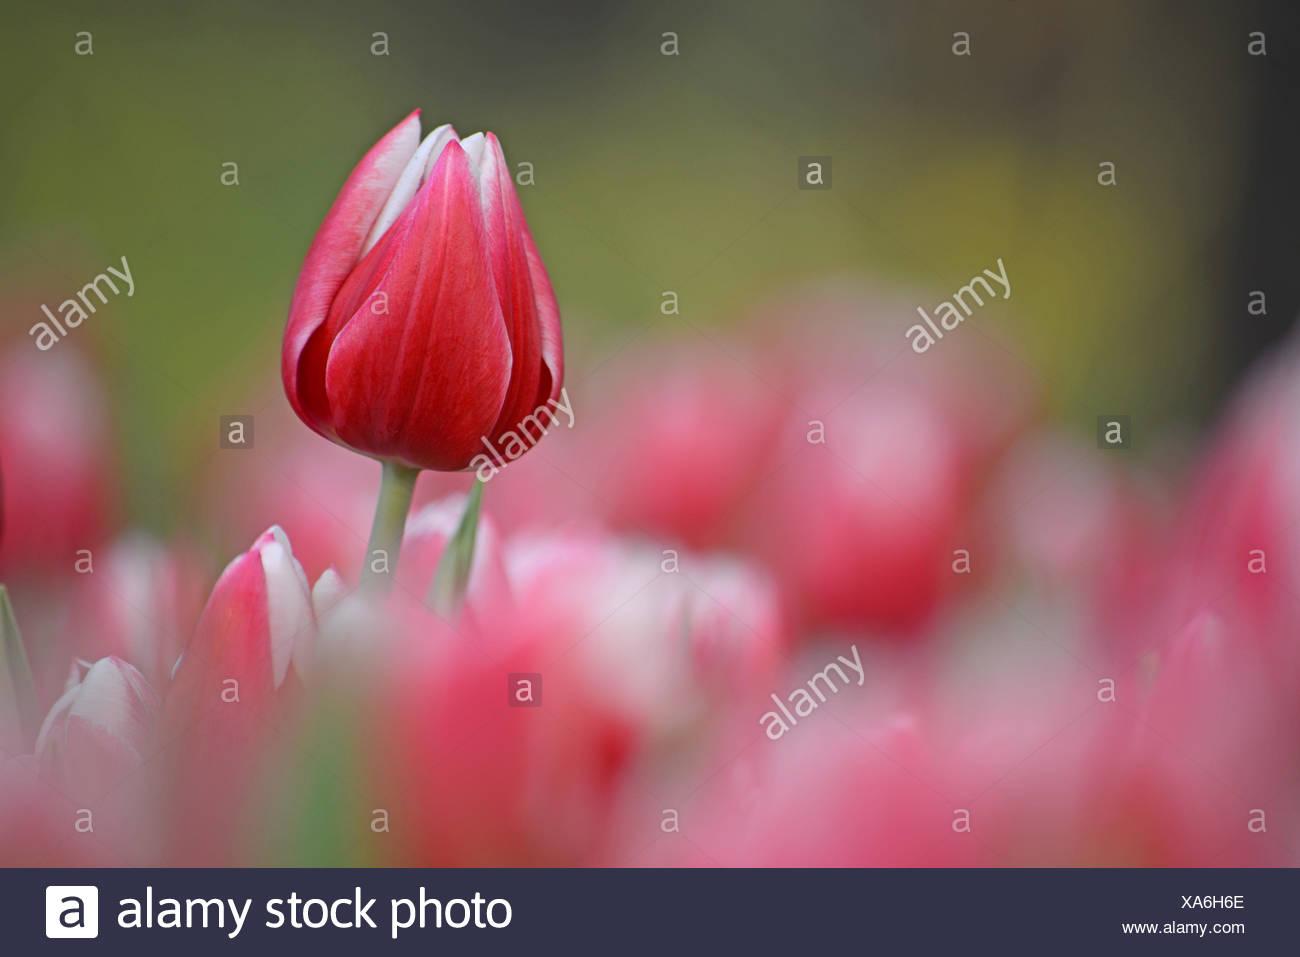 Schön Tulpe Blume Malvorlagen Zeitgenössisch - Malvorlagen Von ...